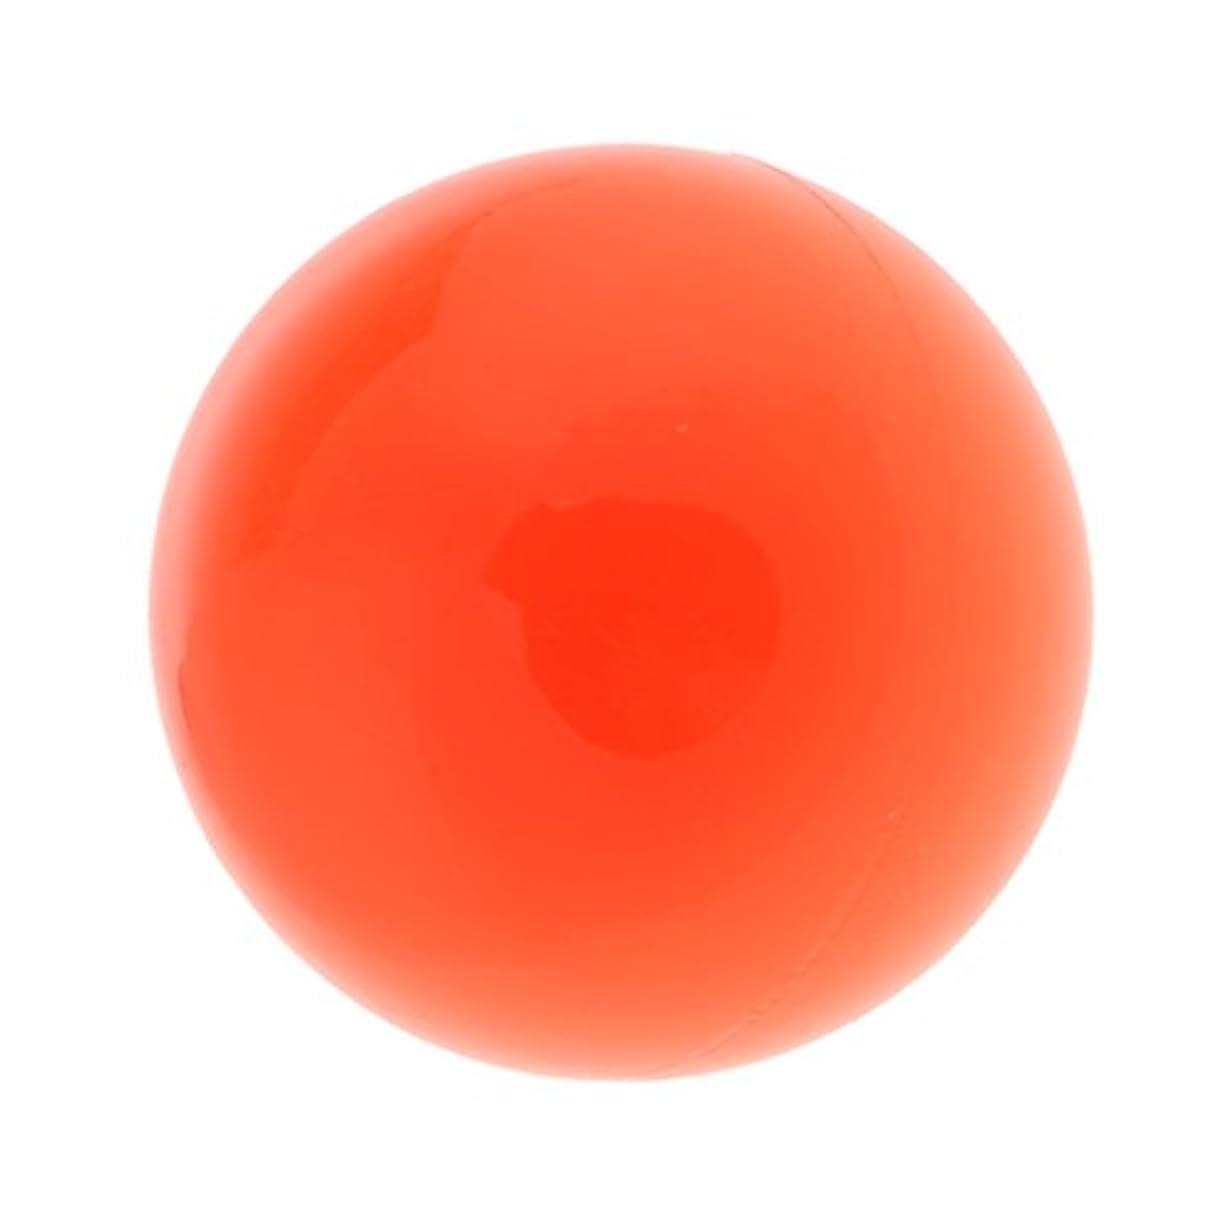 ひねくれた高原近似ラクロスマッサージボール マッサージボール マッサージ 手のひら 足 腕 首 背中 足首 ジム ホーム 便利 オレンジ